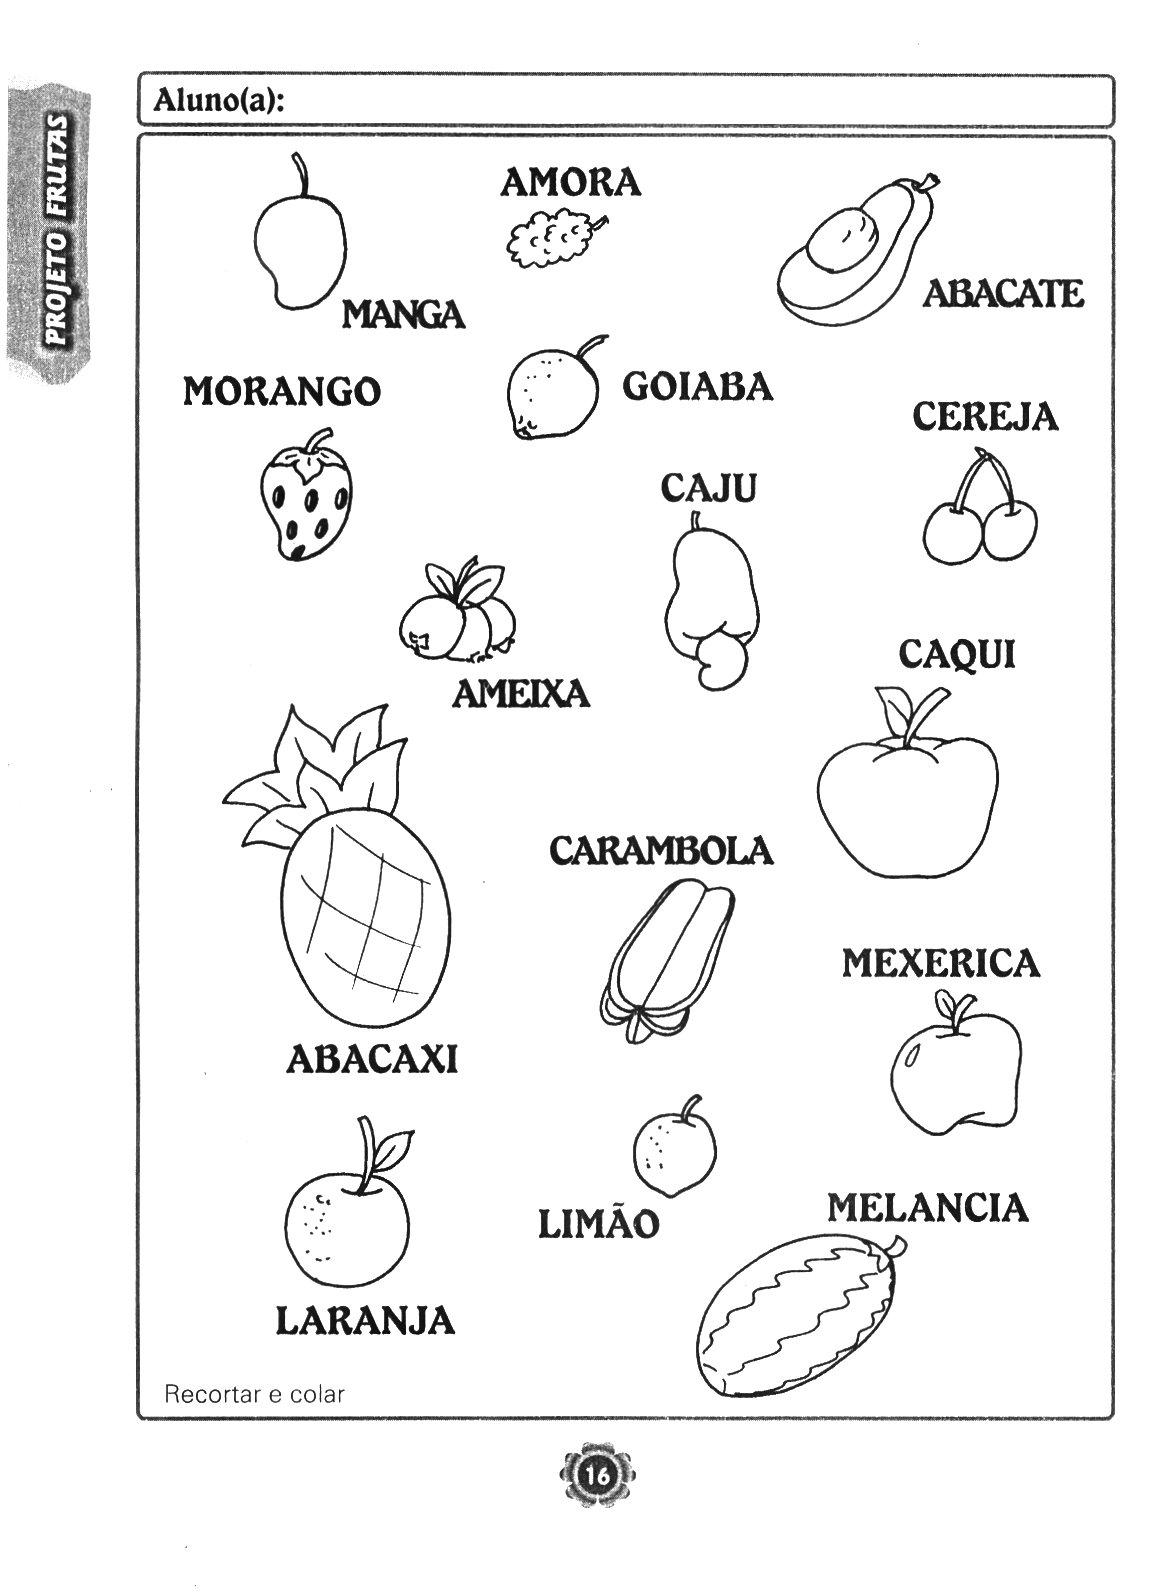 atividades horta pomar jardim educacao infantil:Projeto Adoro frutas para a educação infantil – ESPAÇO EDUCAR